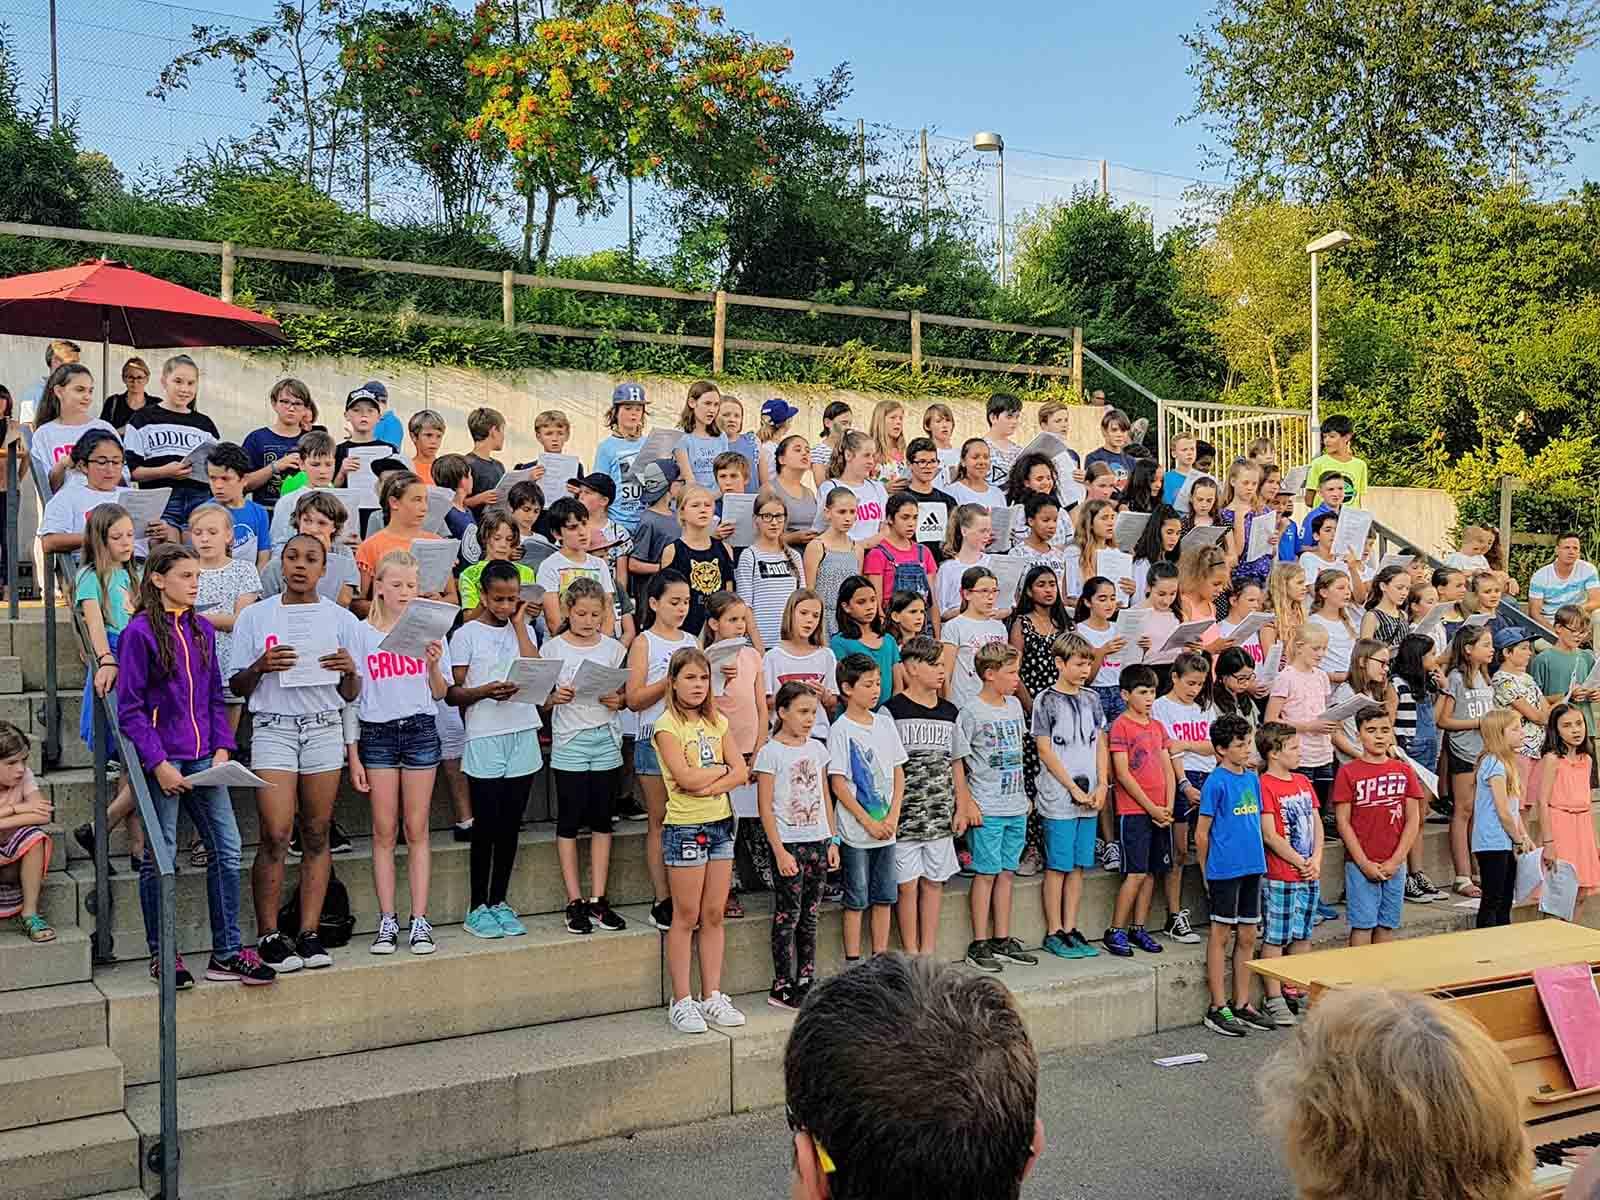 Das Mittelstufen-Chorkonzert unter der Leitung von Claudia Widmer fand aufmerksame Zuhörer*innen.